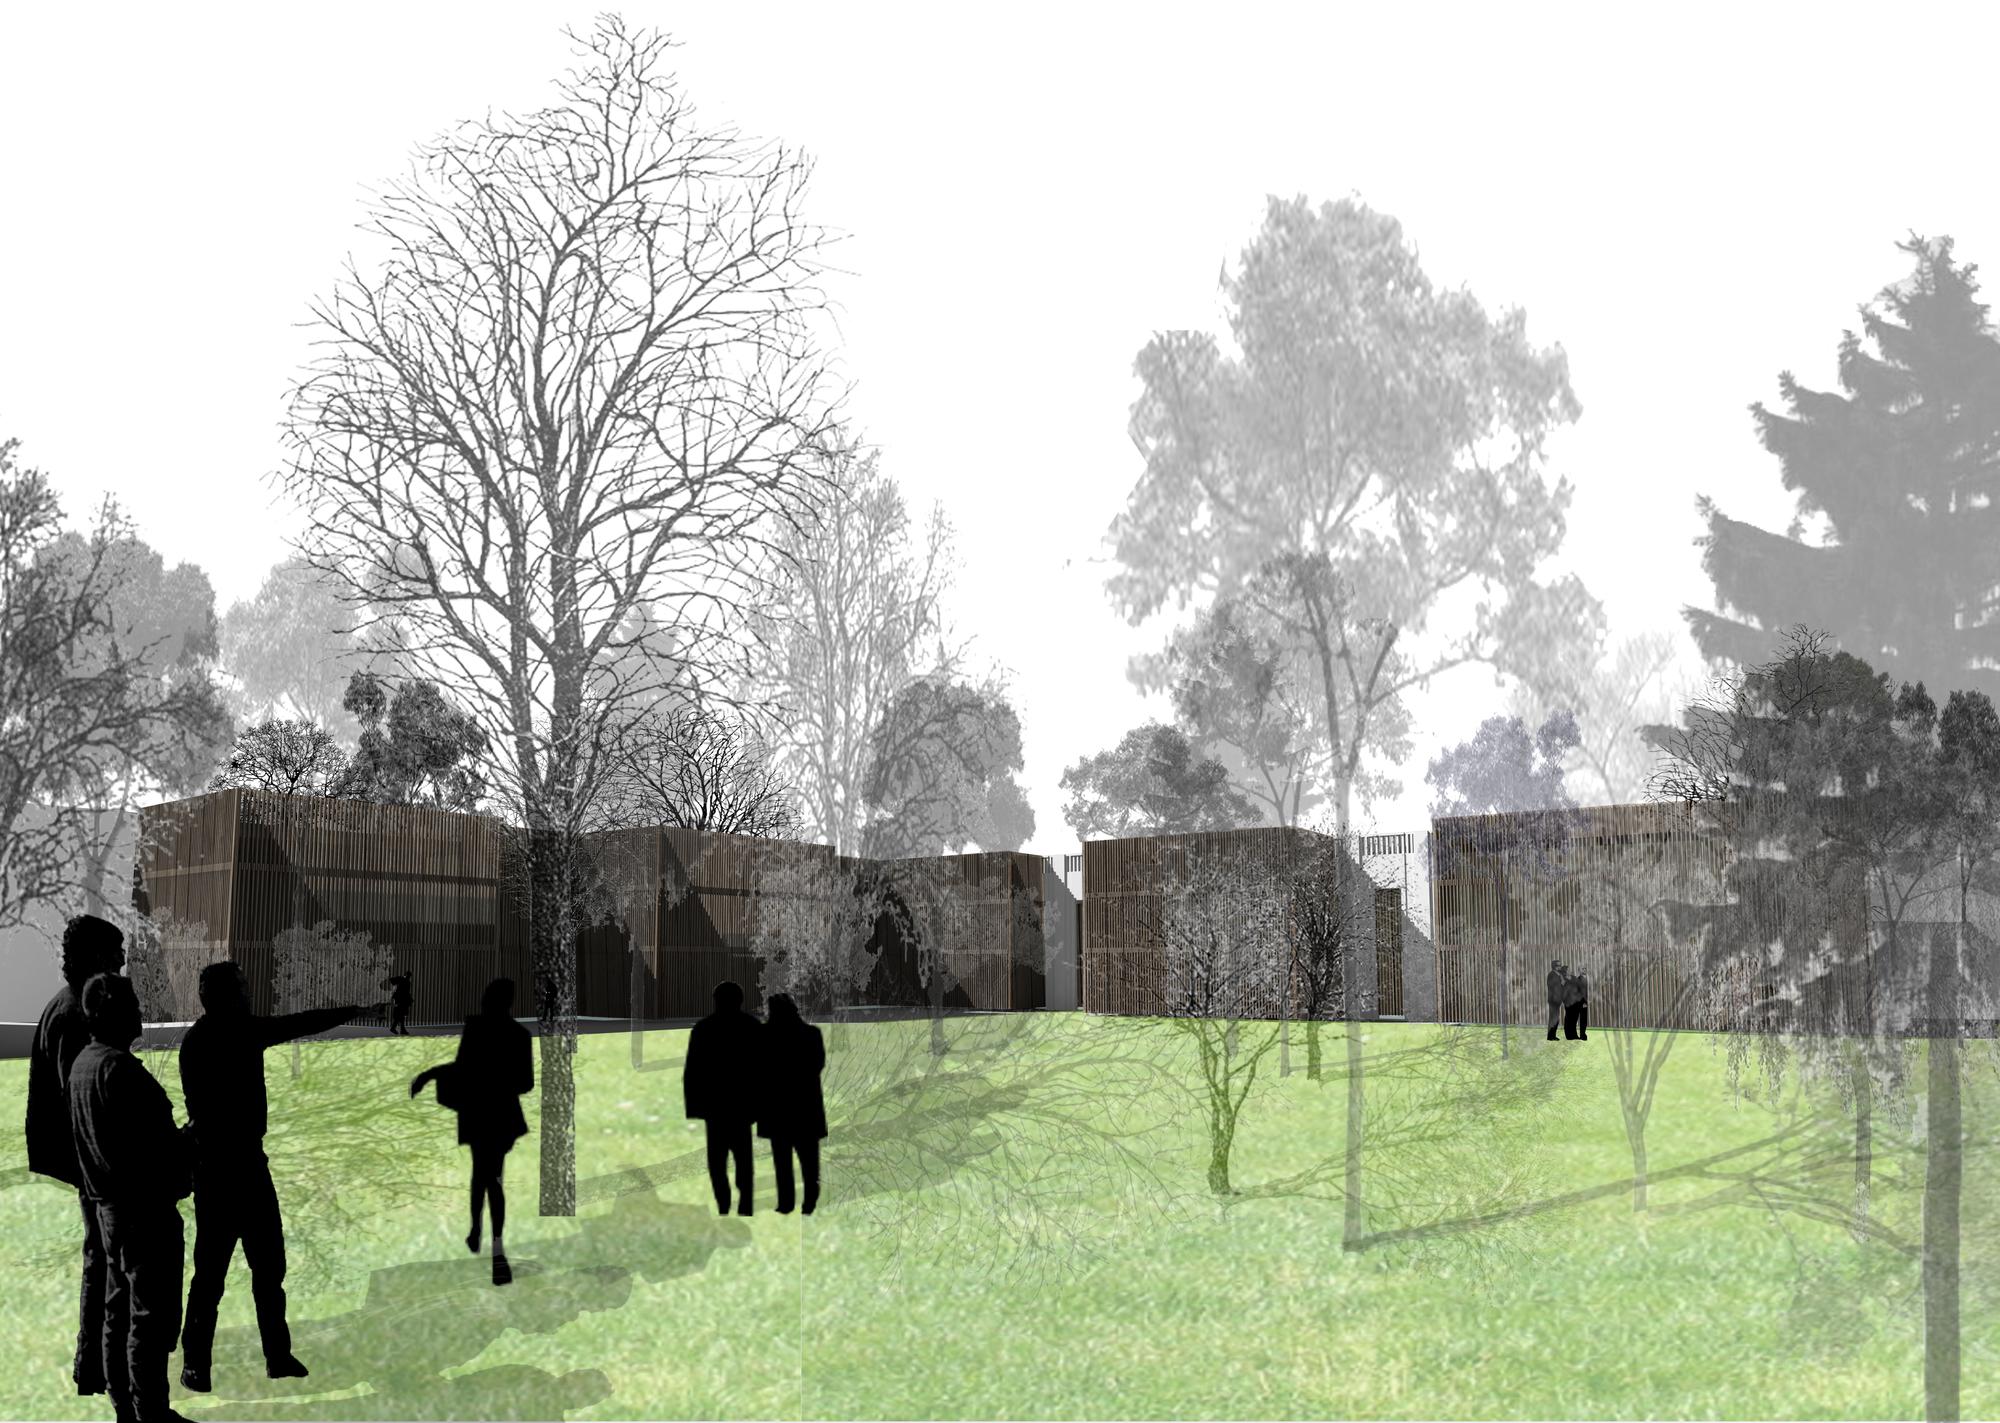 Reabilitação e Ampliação da Embaixada do Brasil no Chile / Ipiña+Nieto Arquitectos + Ossa Arquitectura y Asociados, Cortesia de Ipiña+Nieto Arquitectos + Ossa Arquitectura y Asociados